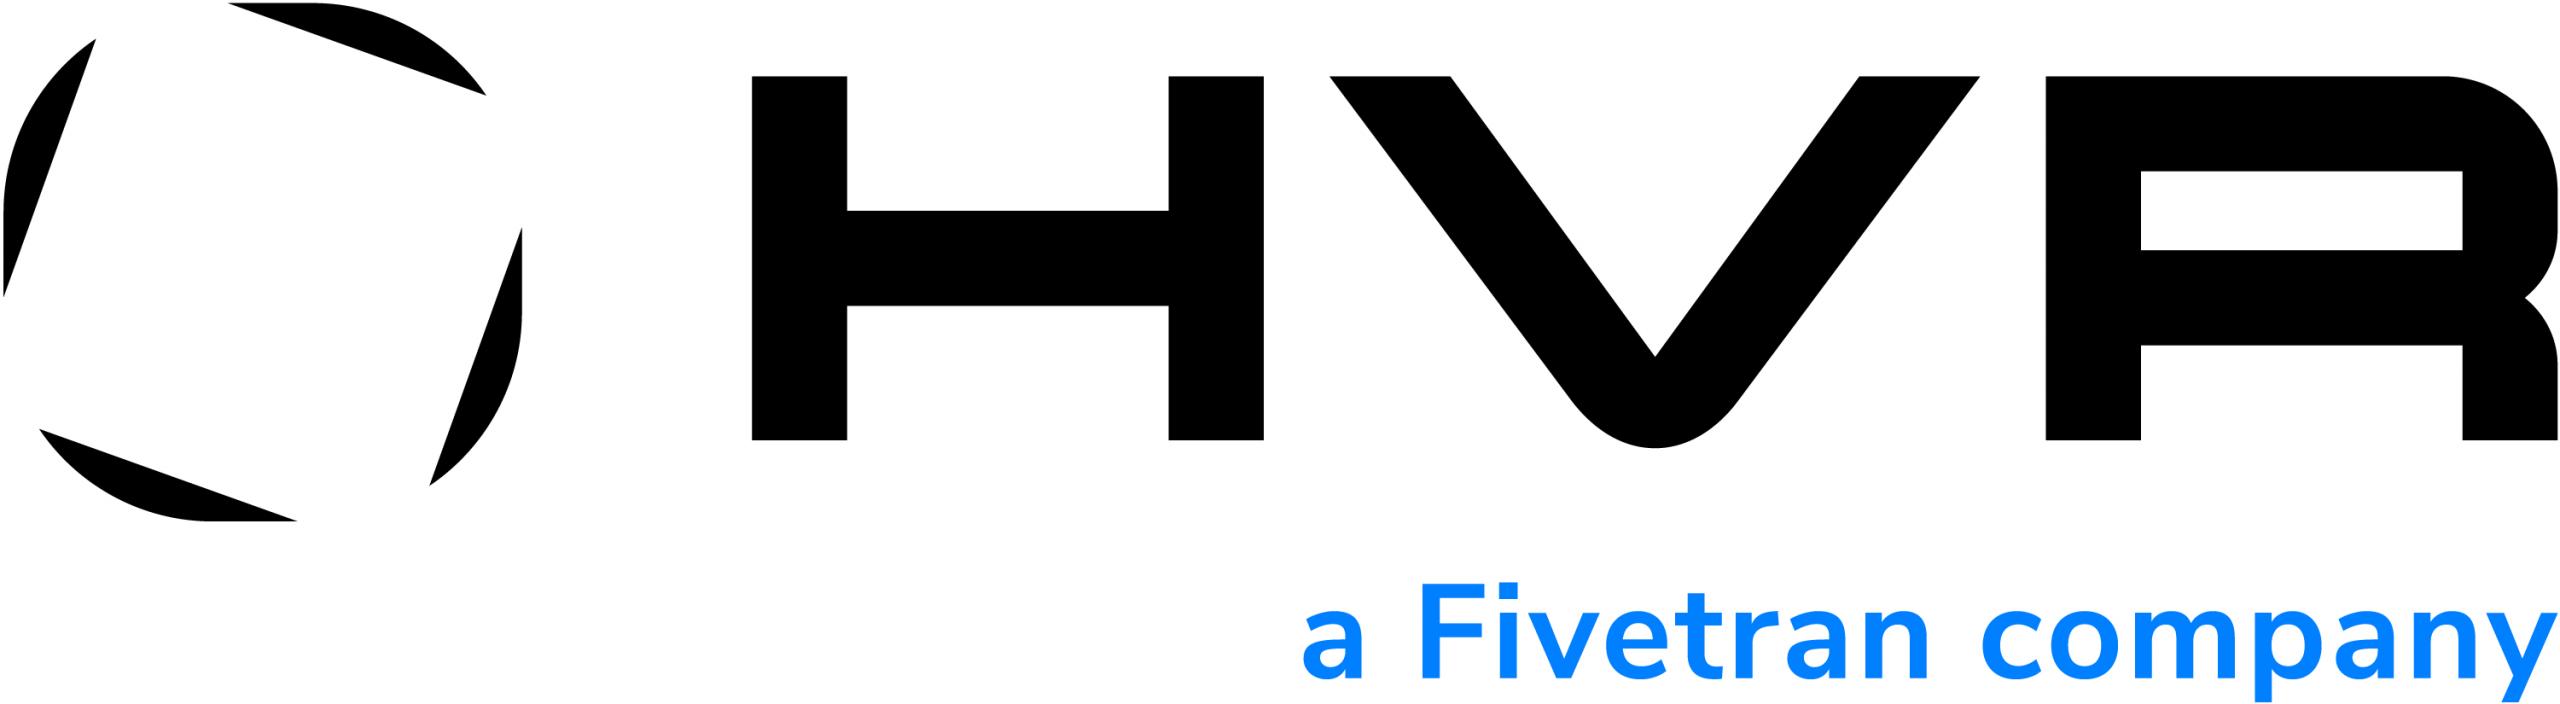 HVR erweitert SAP-Datenextraktion um neue Funktionen